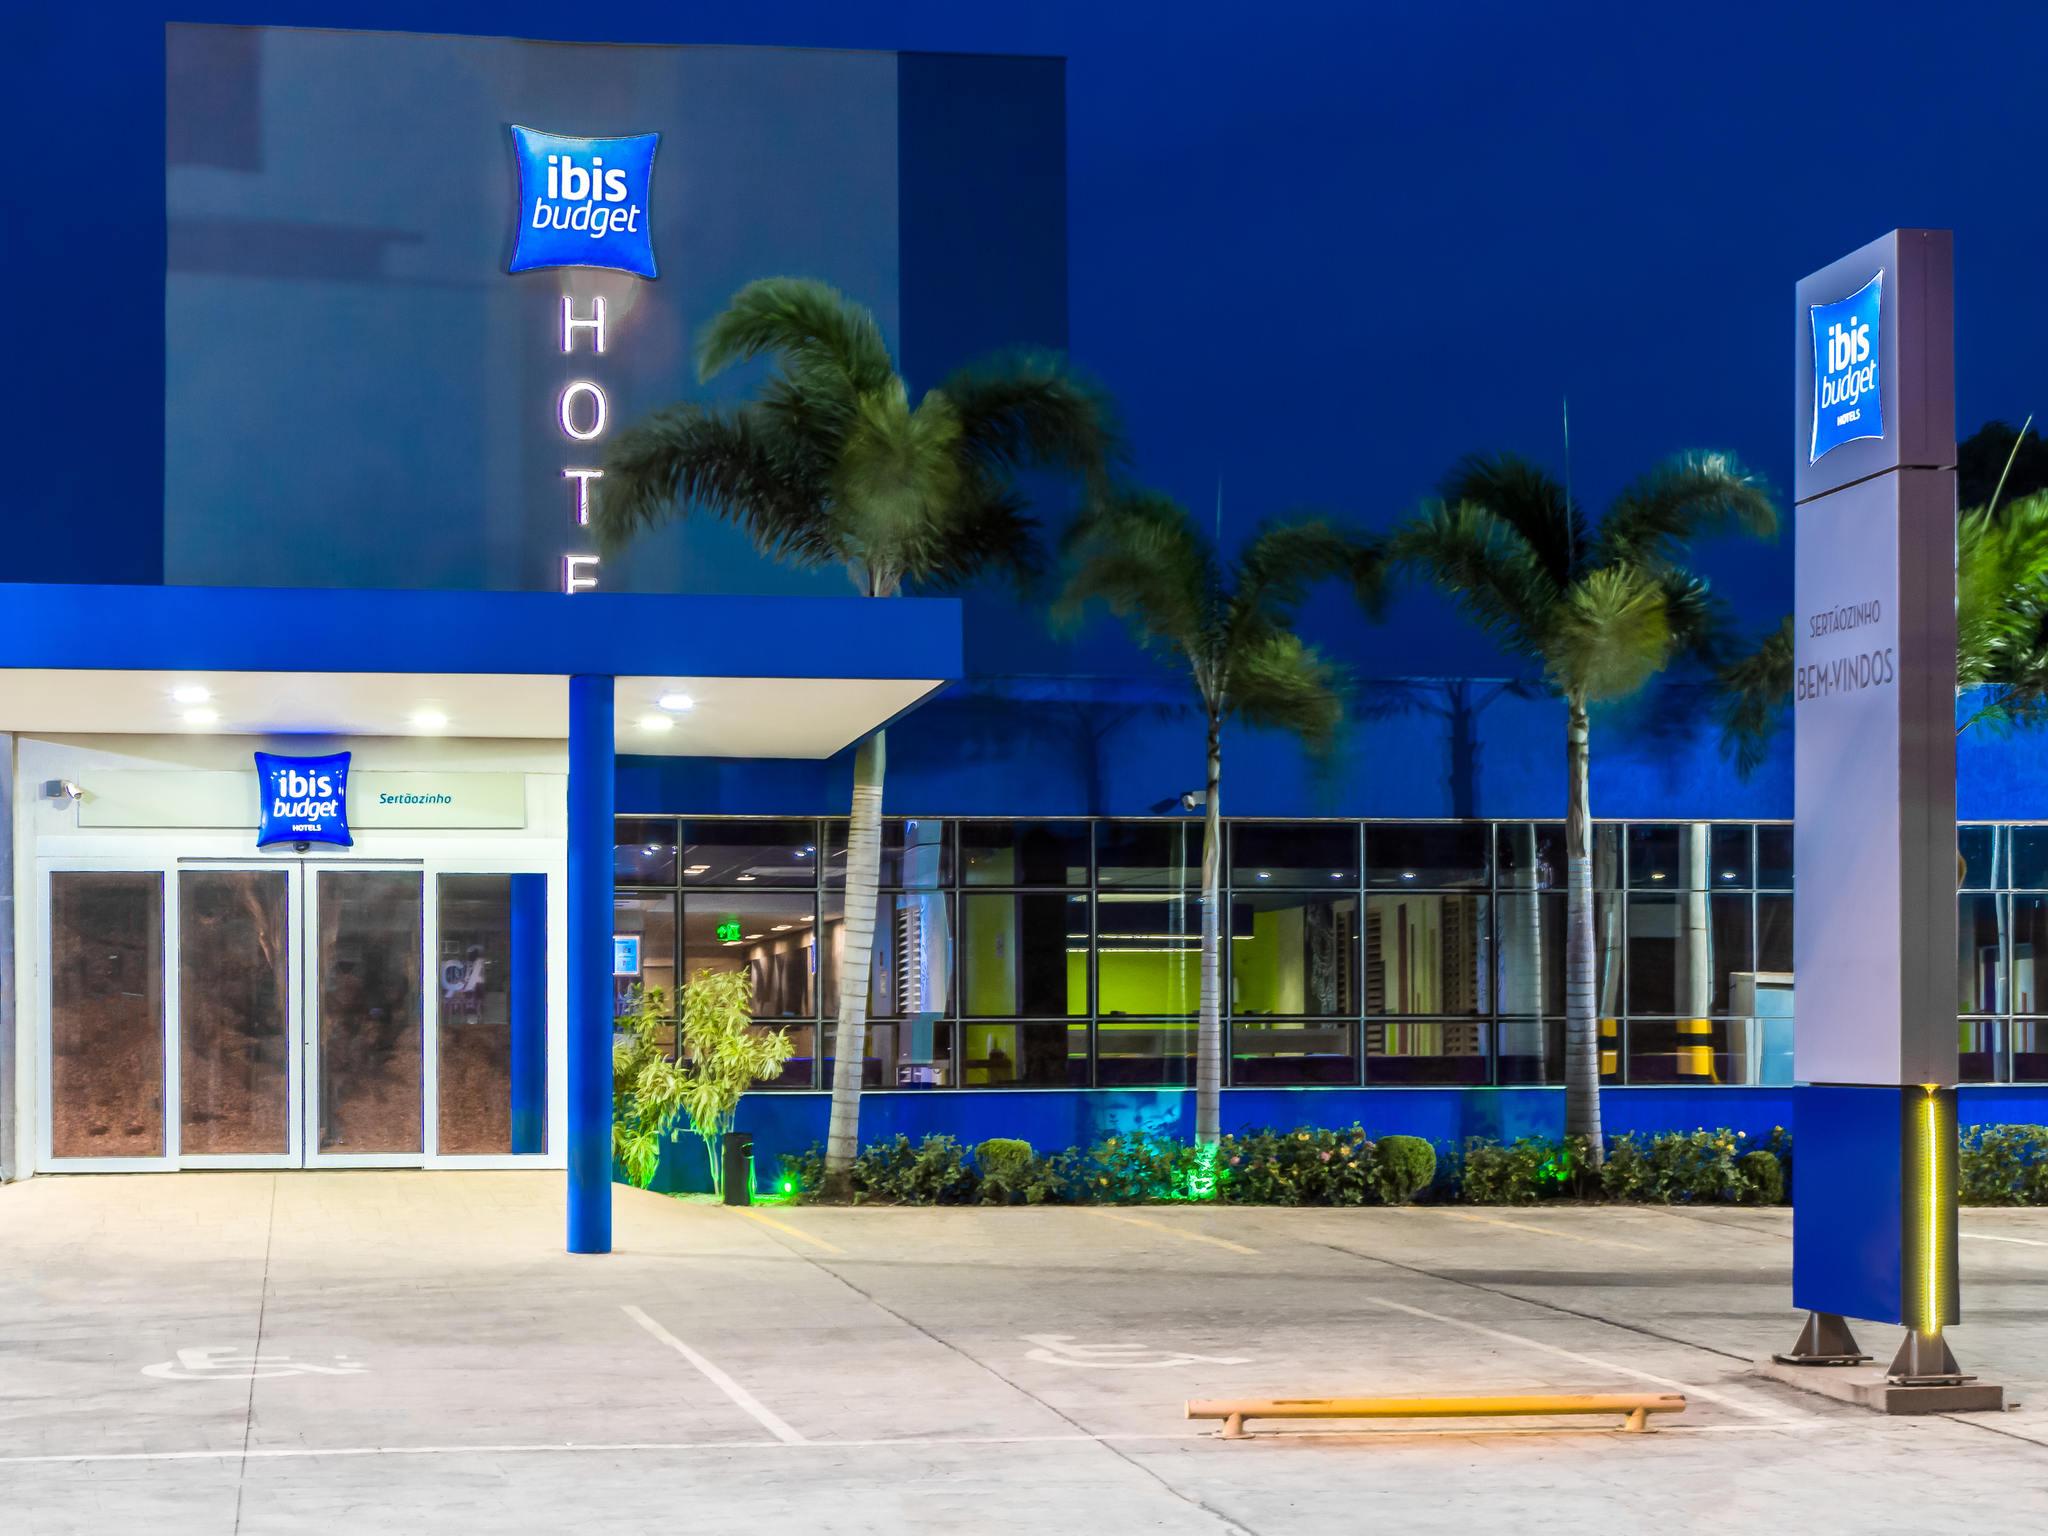 โรงแรม – ibis budget Sertaozinho